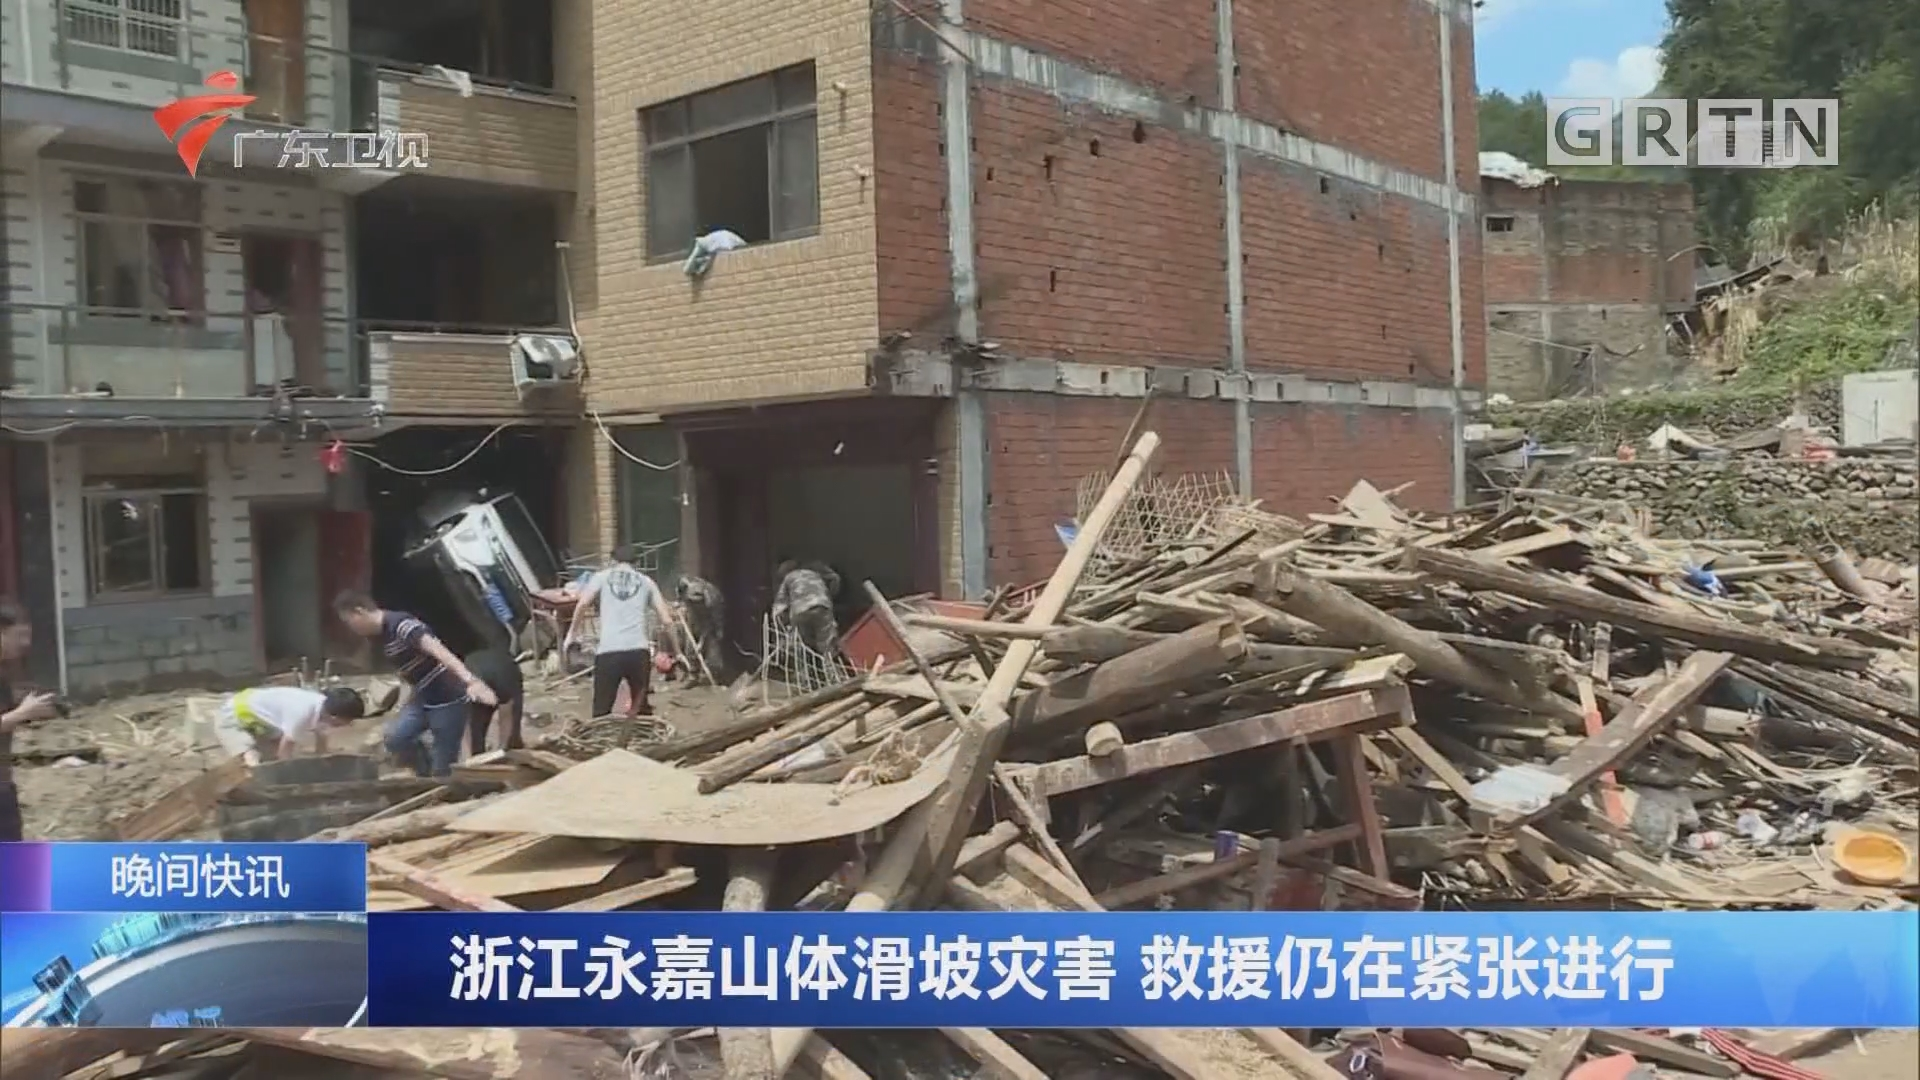 浙江永嘉山体滑坡灾害 救援仍在紧张进行